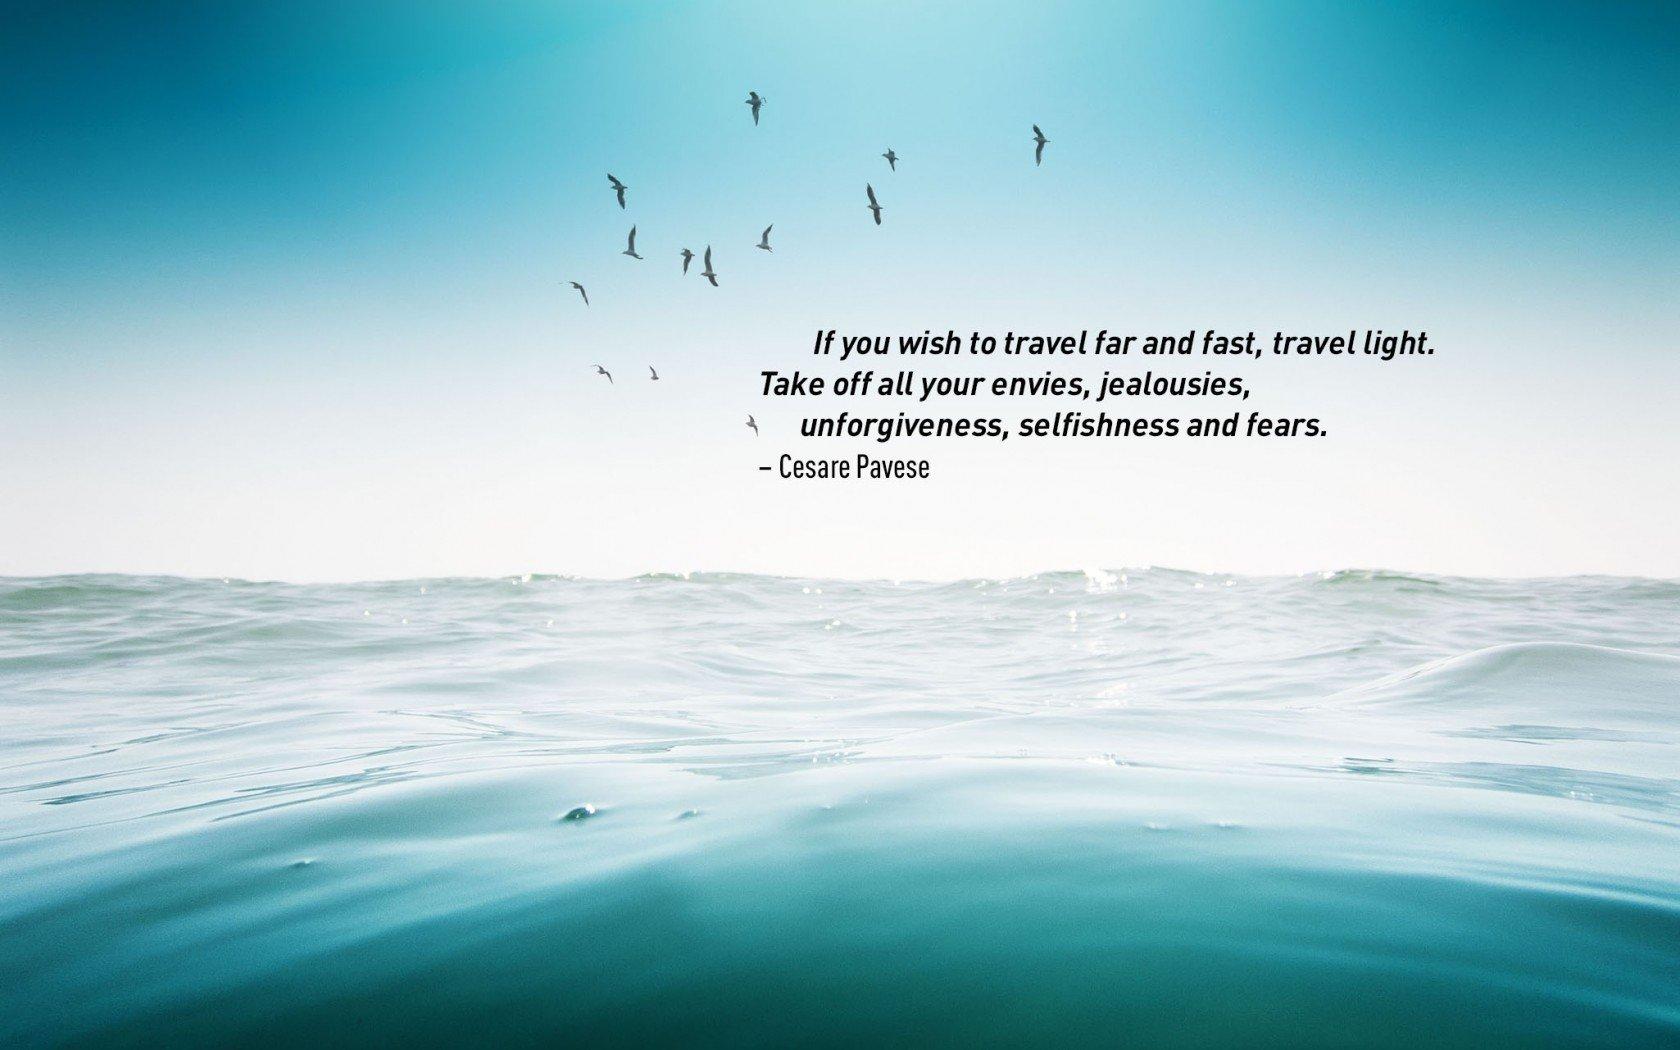 Cesare Pavese, meilleures citations de voyage.